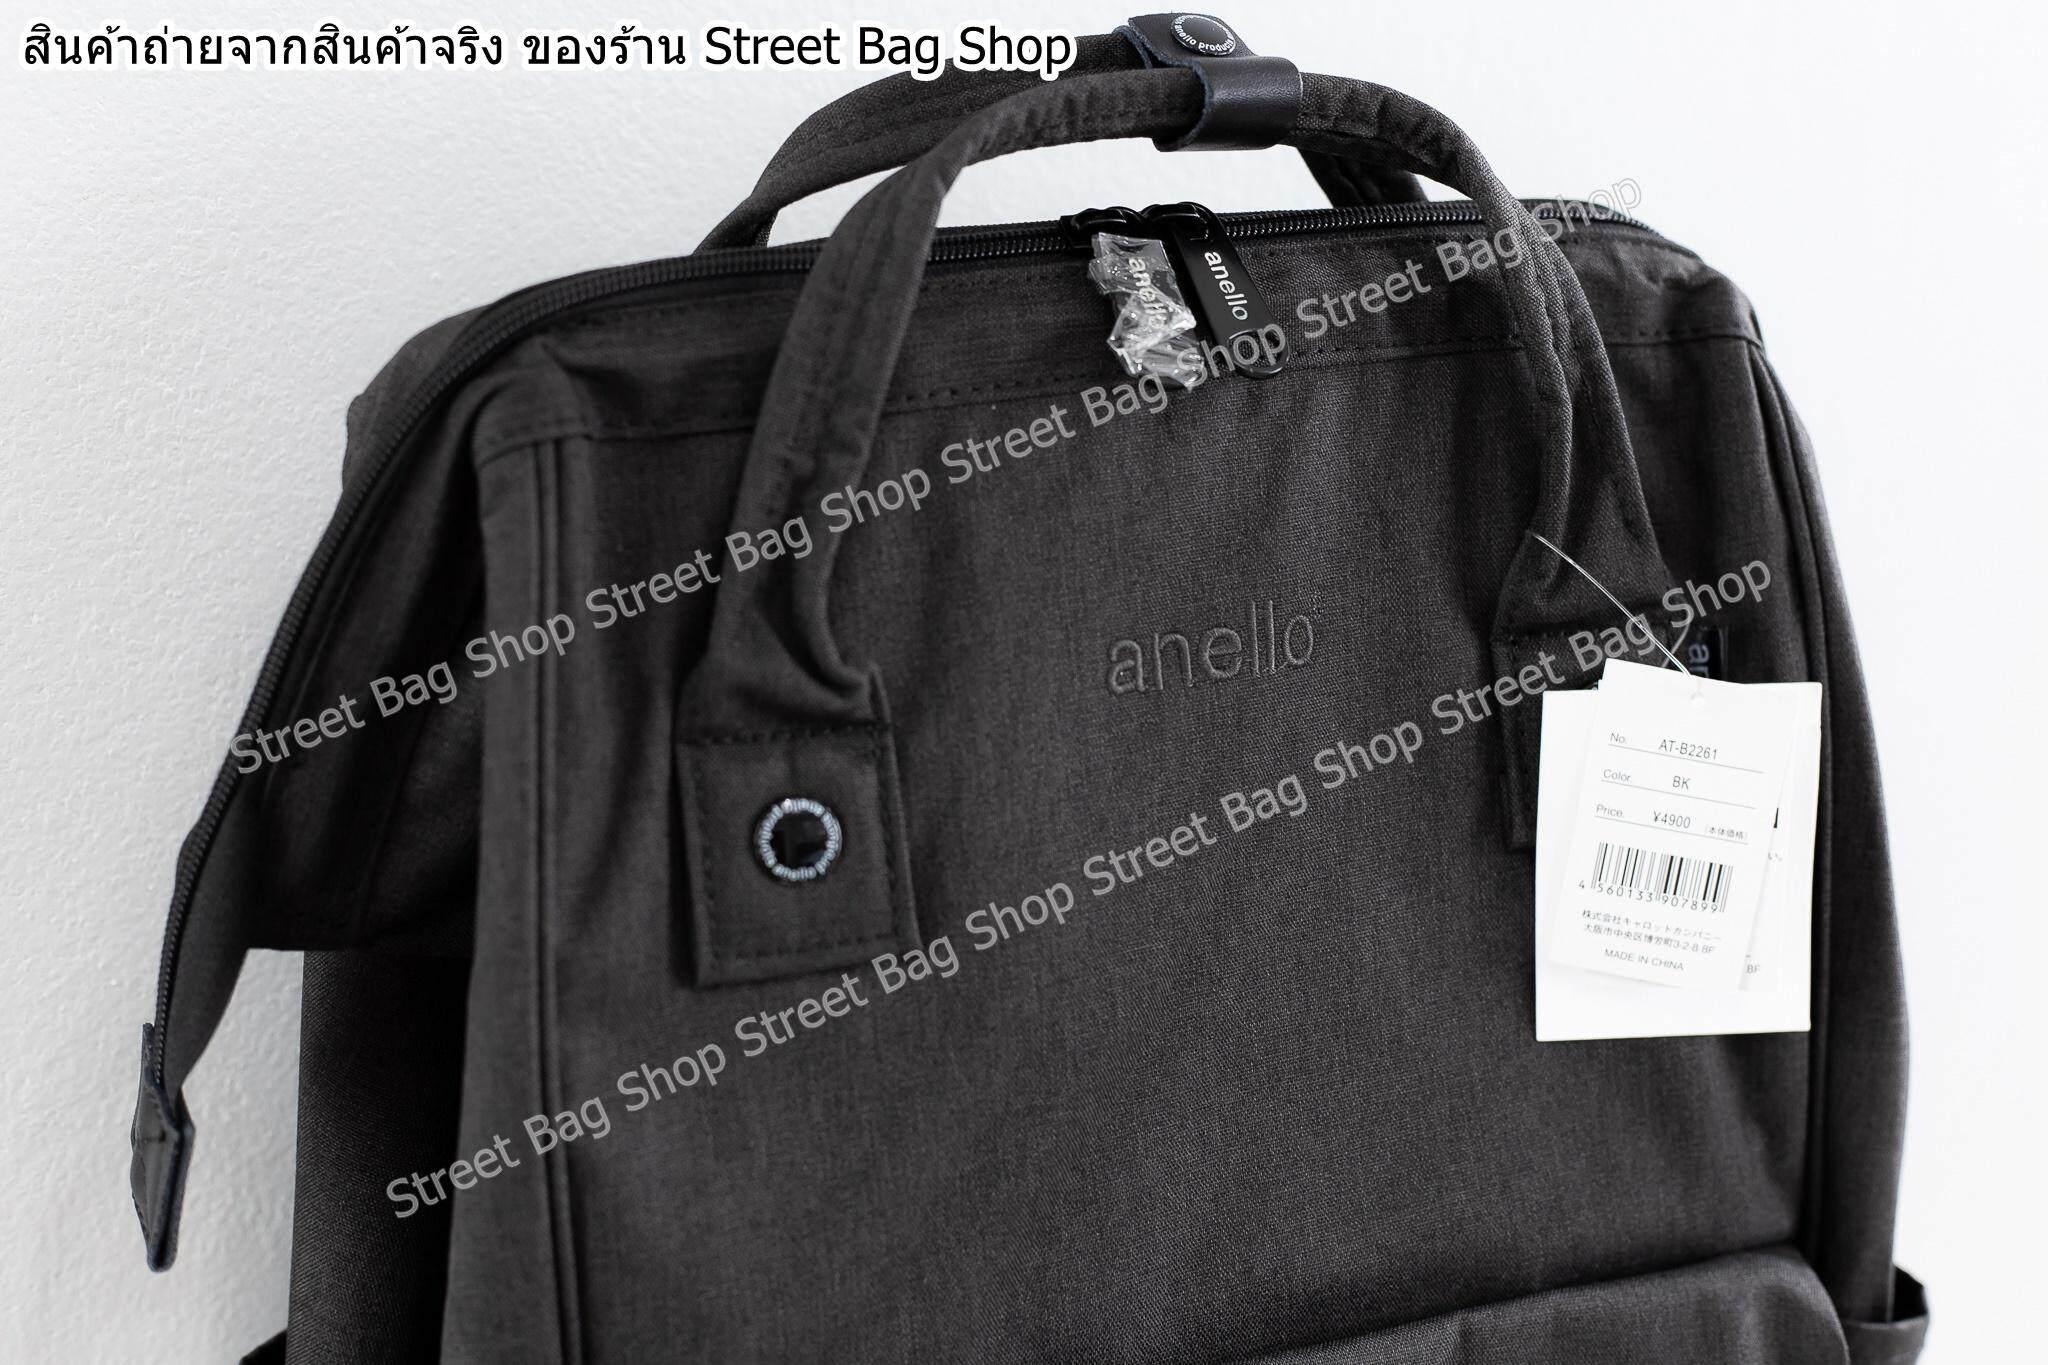 ทำบัตรเครดิตออนไลน์  นครปฐม ของแท้  กระเป่าเป้ Anello Mottled Backpack